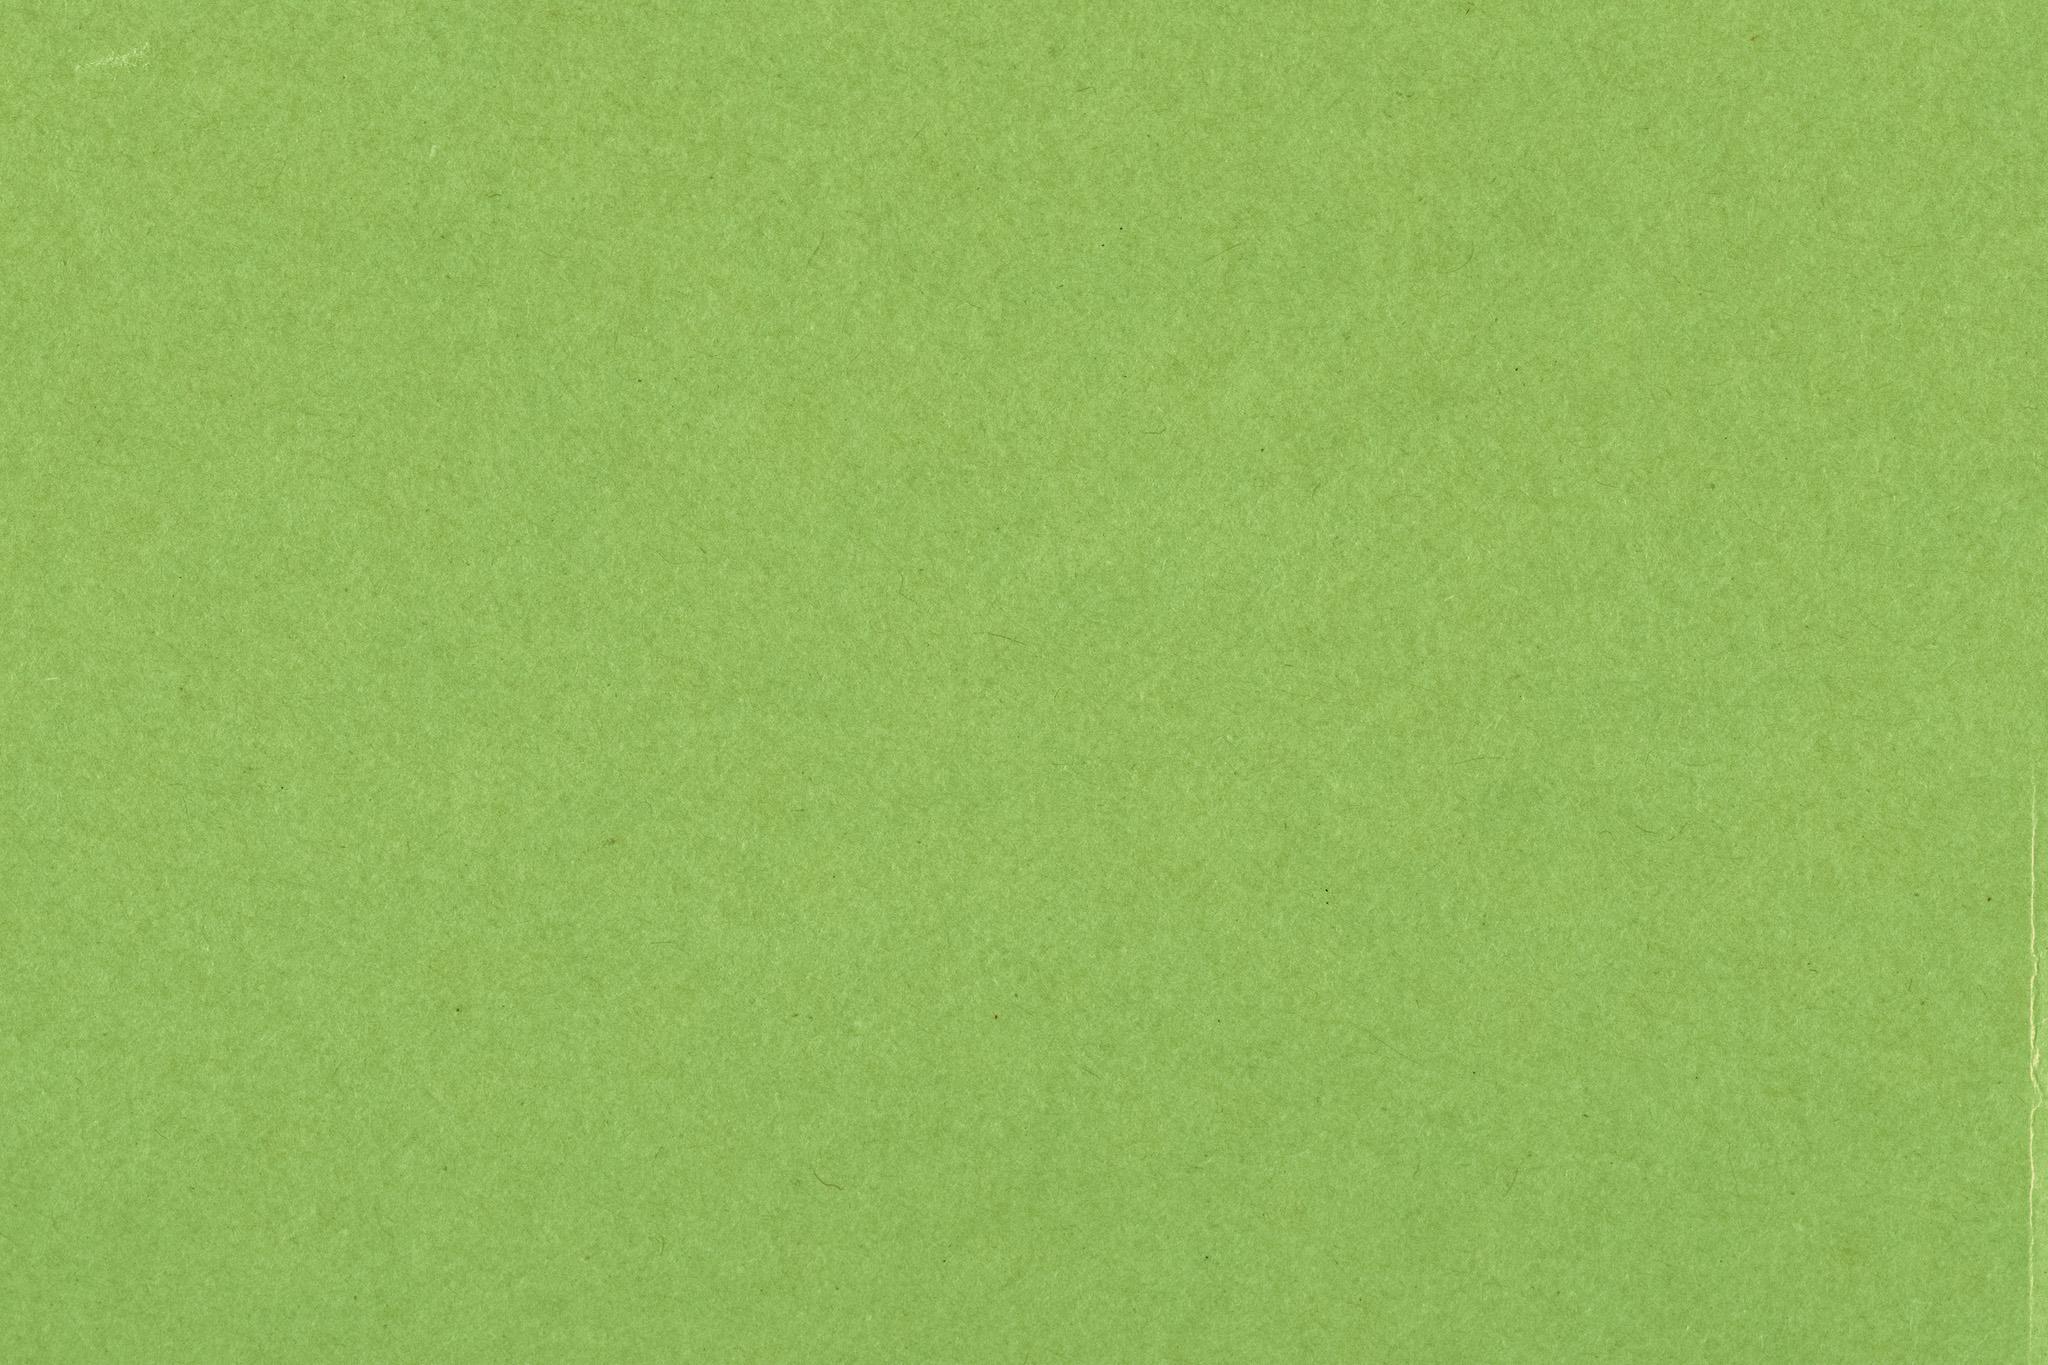 「若草色の紙のテクスチャ」の画像を無料ダウンロード